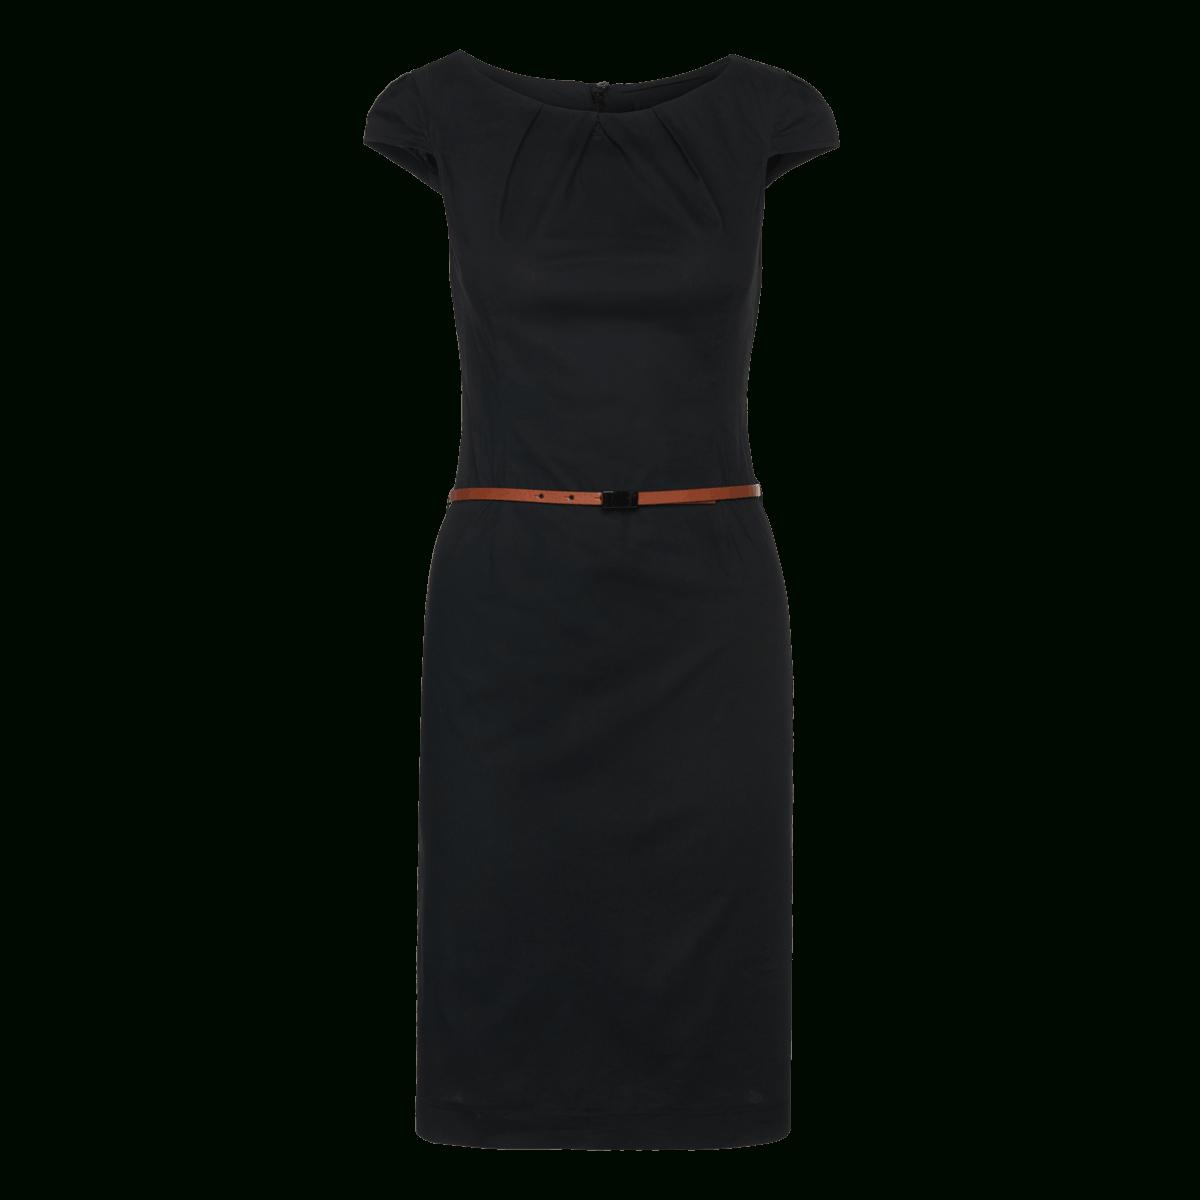 17 Einfach Zero Abend Kleider ÄrmelDesigner Einzigartig Zero Abend Kleider Design